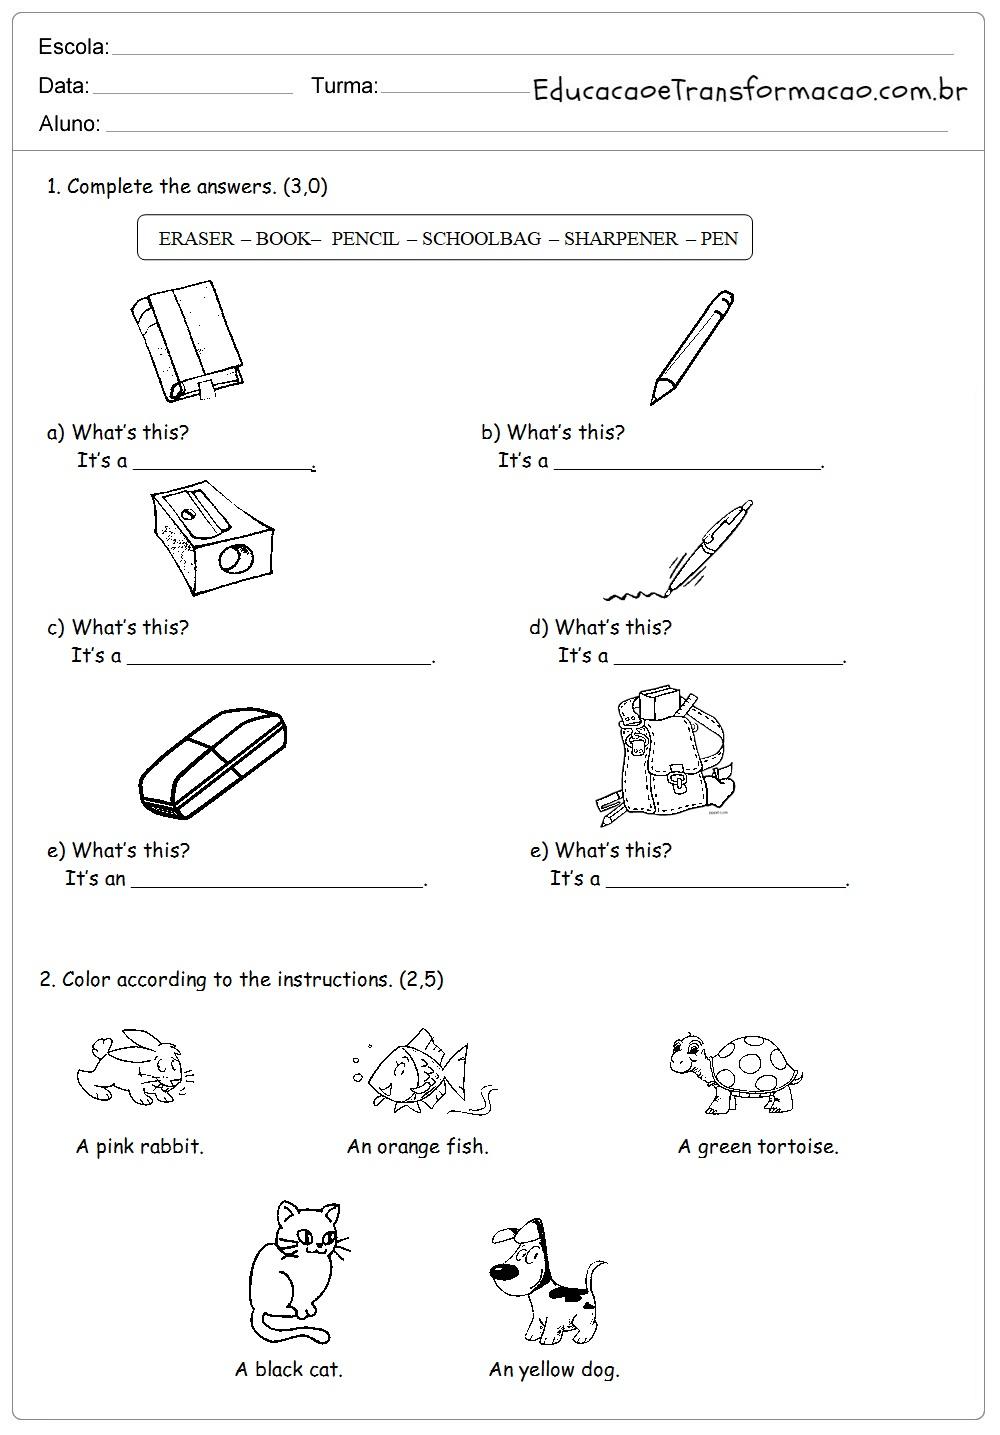 Atividades de Inglês 5 ano do Ensino Fundamental - Para Imprimir.